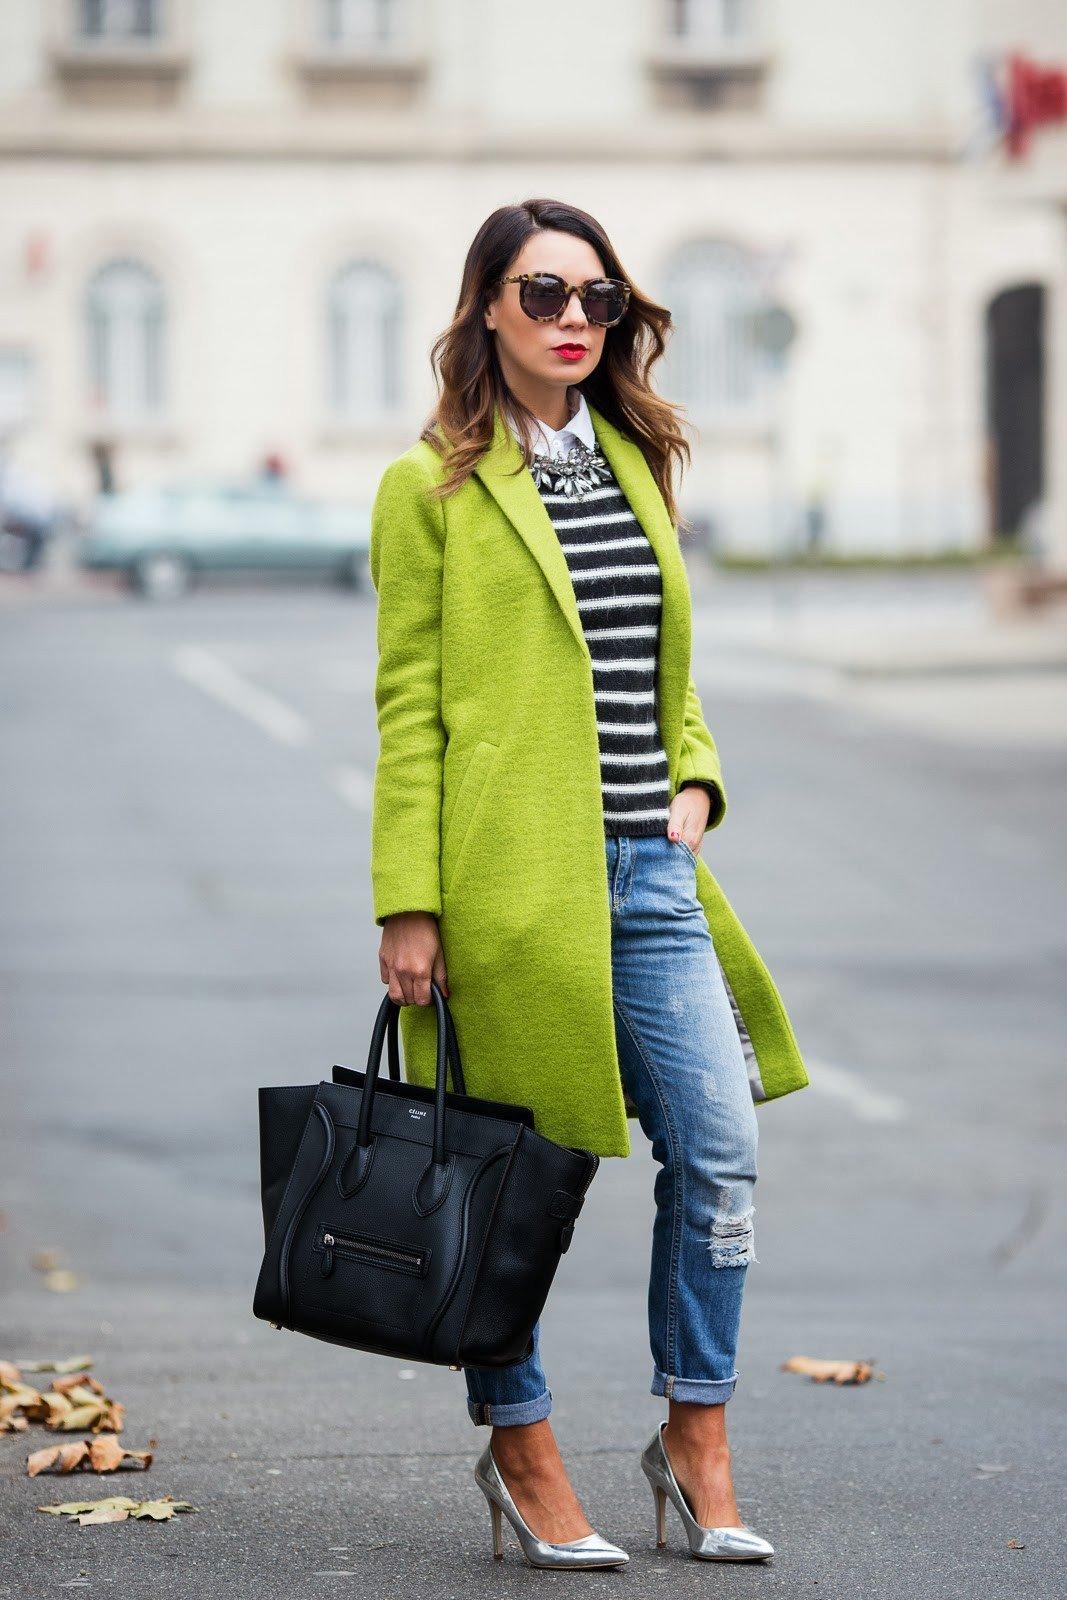 салатовое пальто и рваные джинсы с чем носить